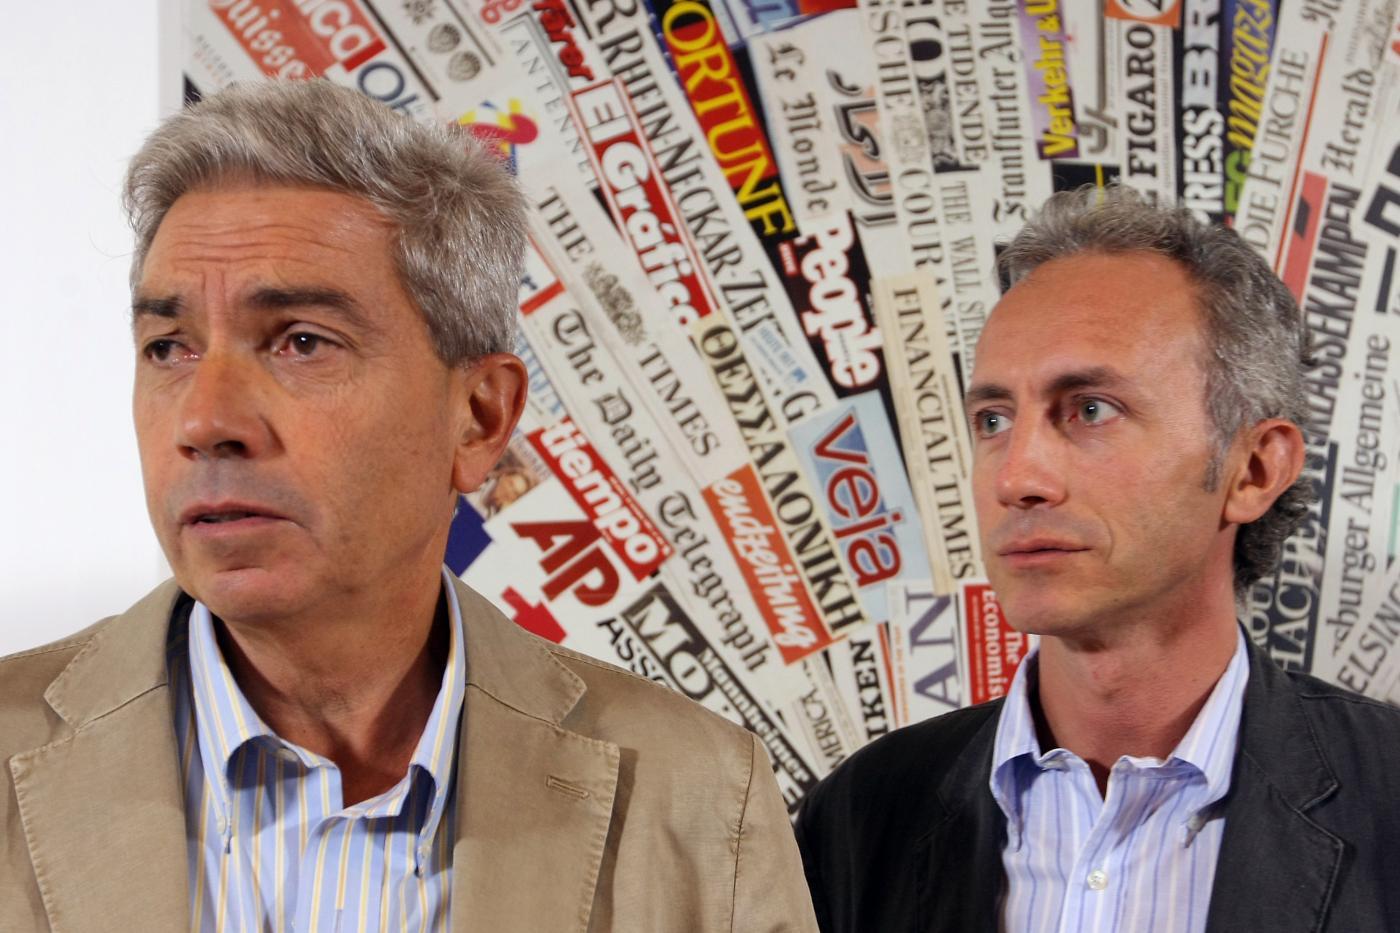 Il Fatto Quotidiano, Marco Travaglio direttore unico, Antonio Padellaro lascia